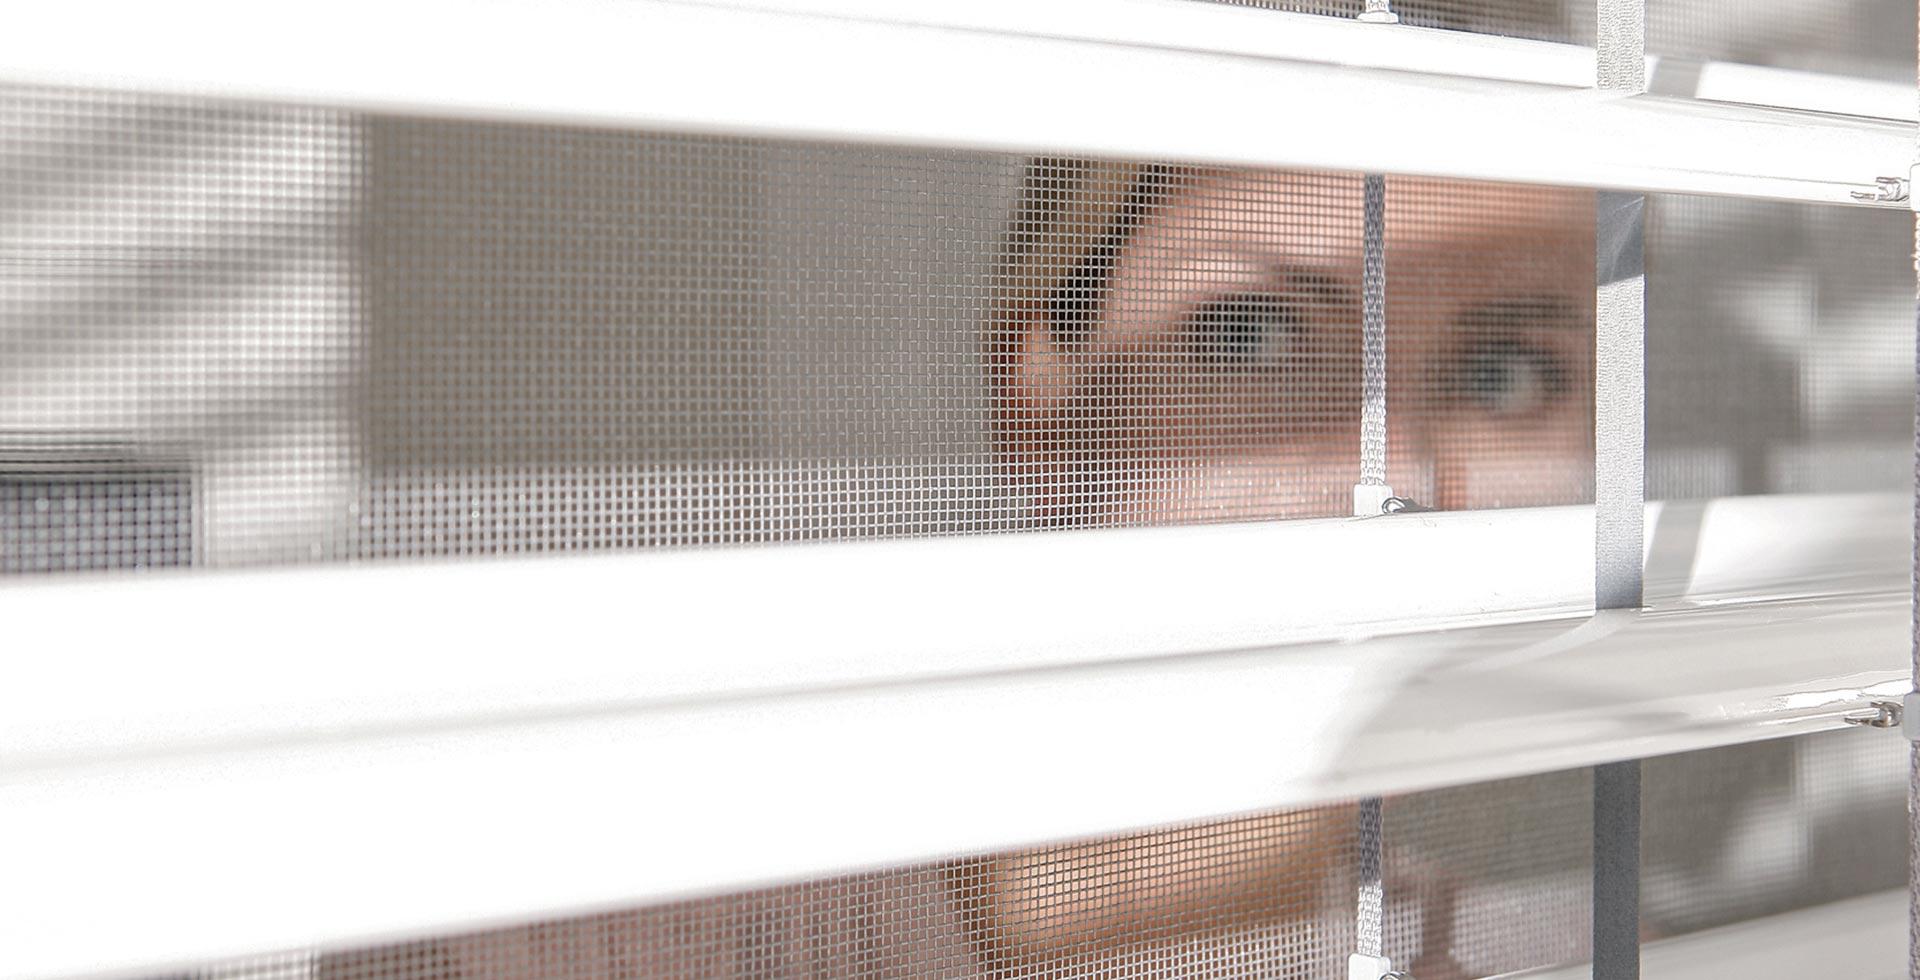 Full Size of Fliegengitter Fenster Insektenschutz Fr Und Tren Schwarz Gmbh Mit Rolladen Sicherheitsfolie Test Alarmanlage Sichtschutzfolie Für Jalousien Lüftung Fenster Fliegengitter Fenster